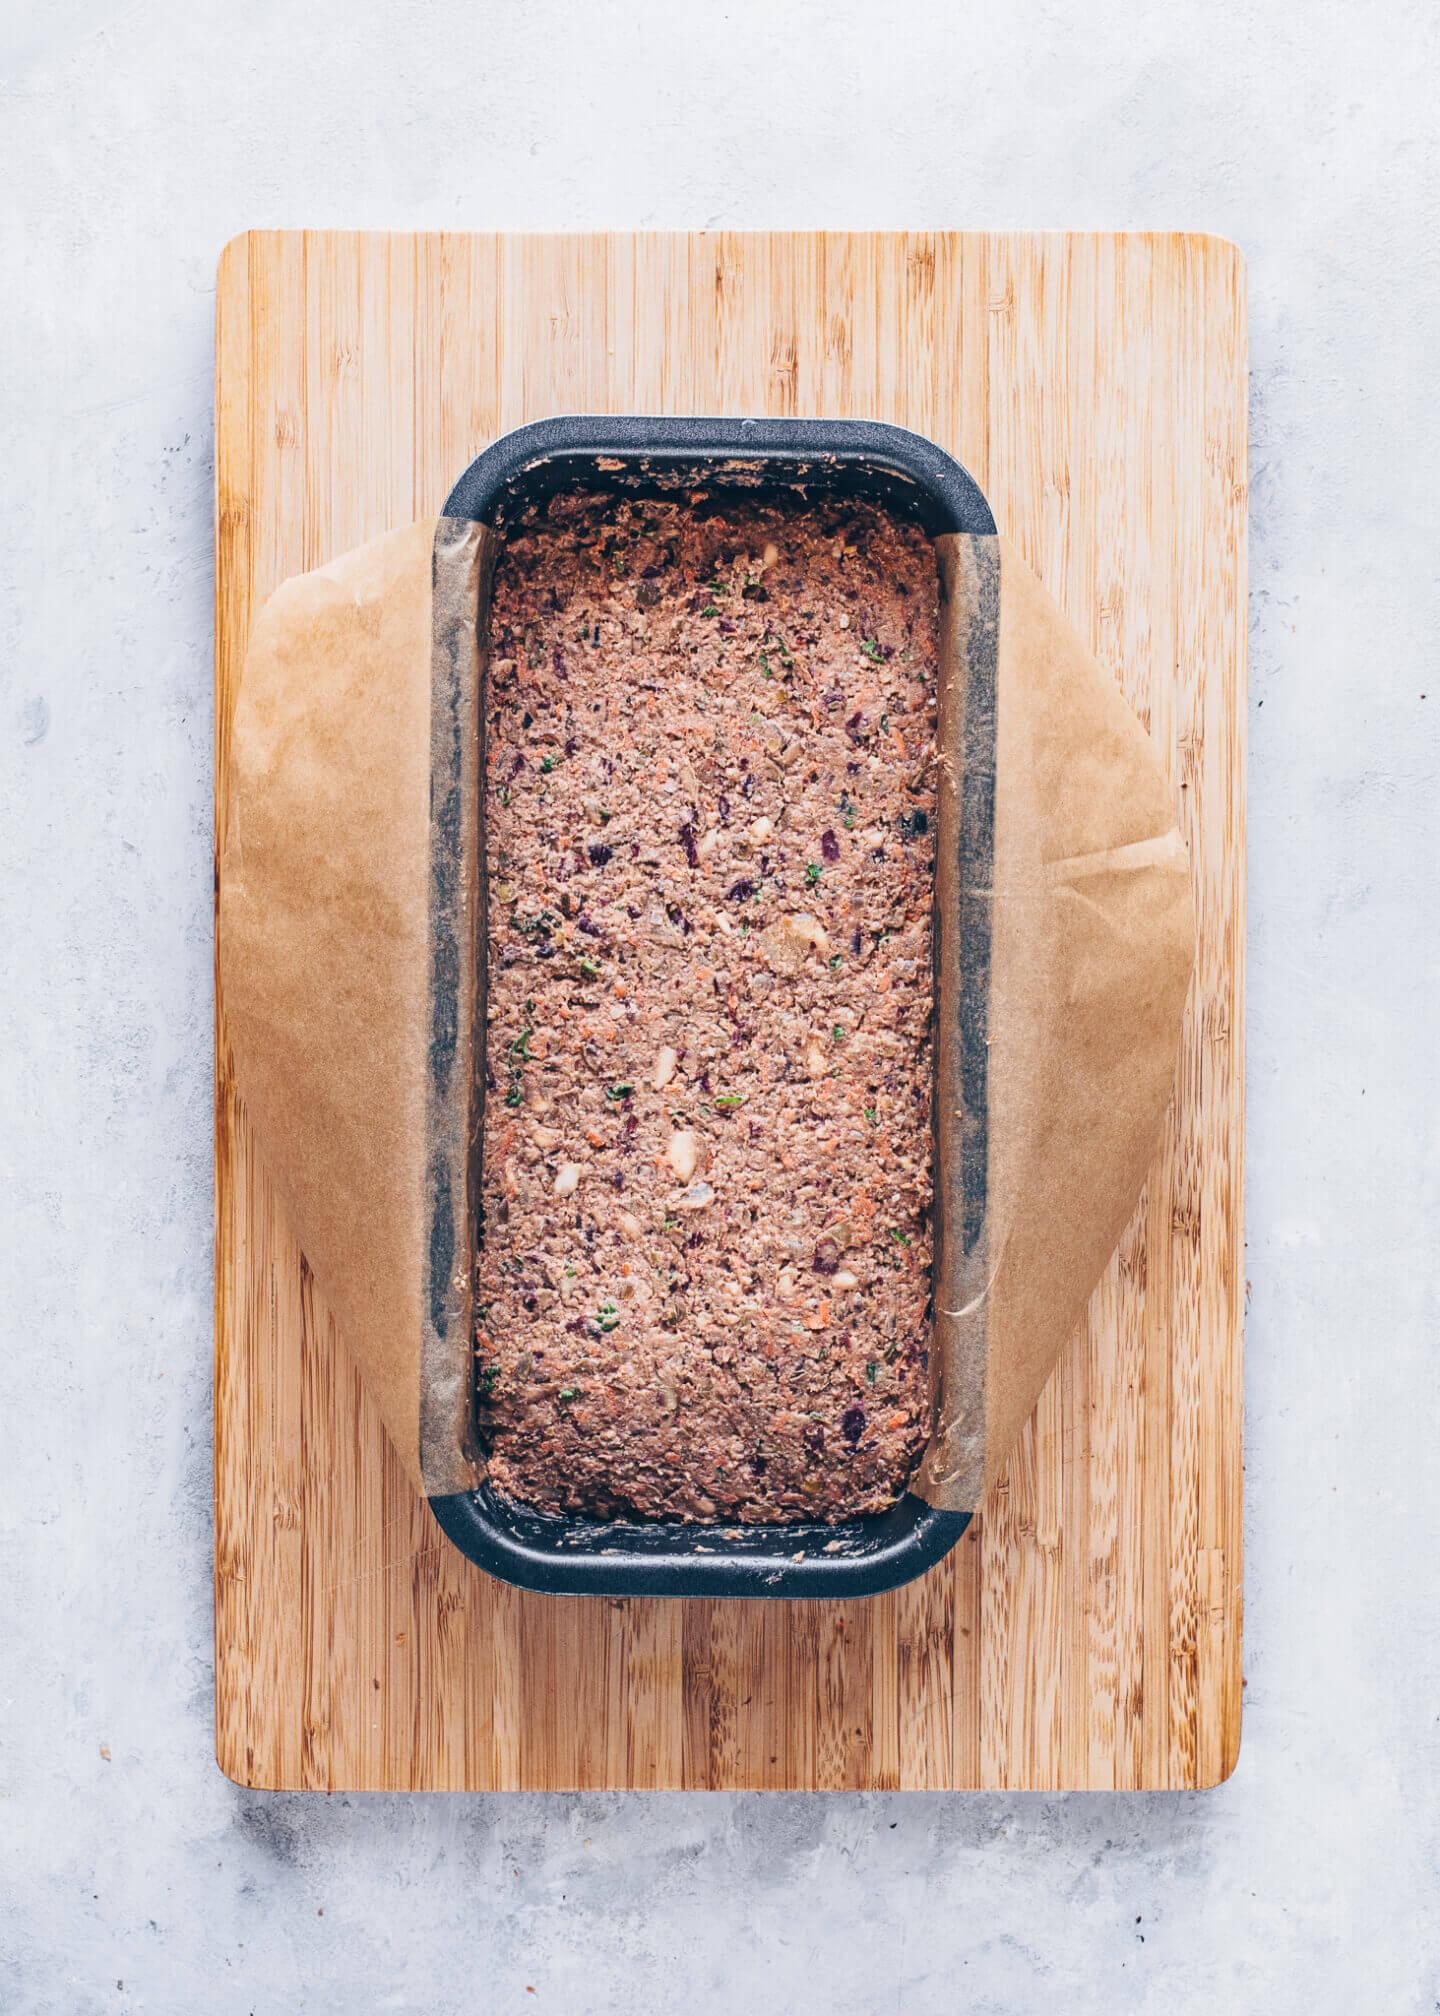 Lentil Meatloaf mixture in a loaf pan